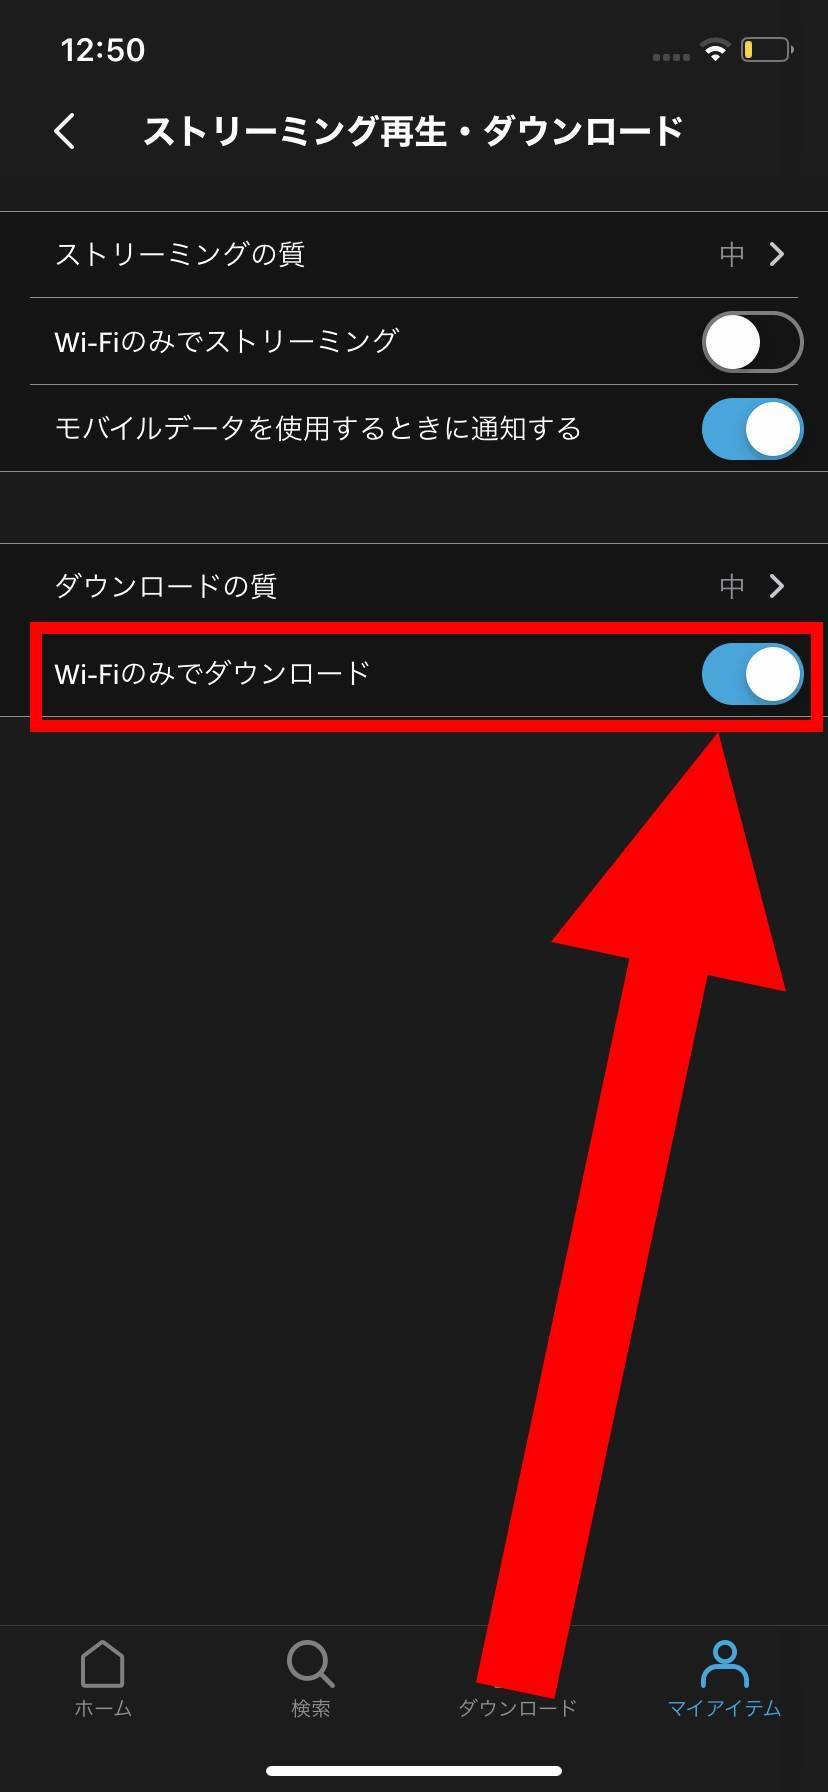 [Wi-Fiのみでダウンロード]のスライドボタンをタップ